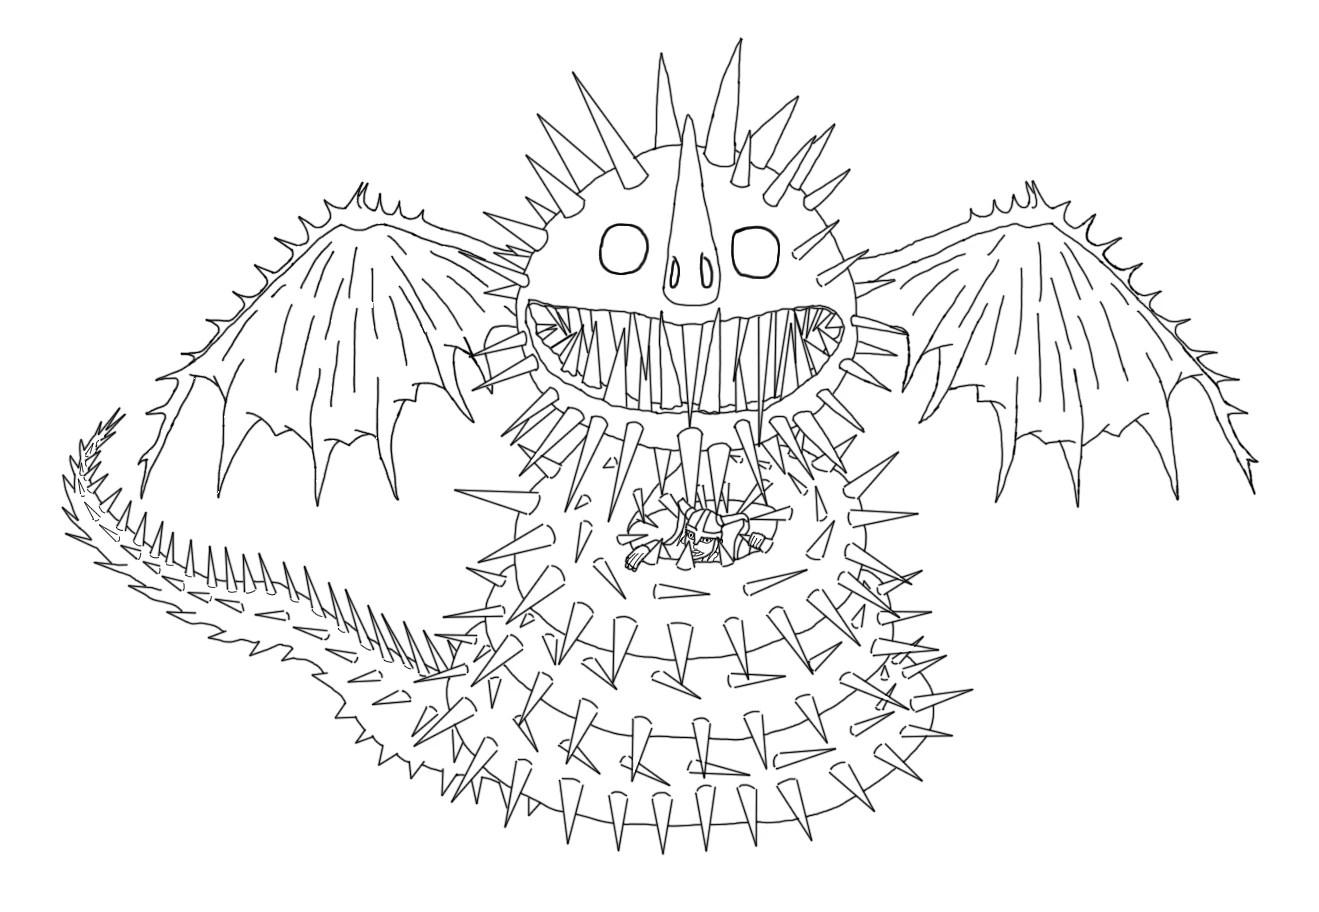 Big Bang Theory Drawing Sketch Coloring Page